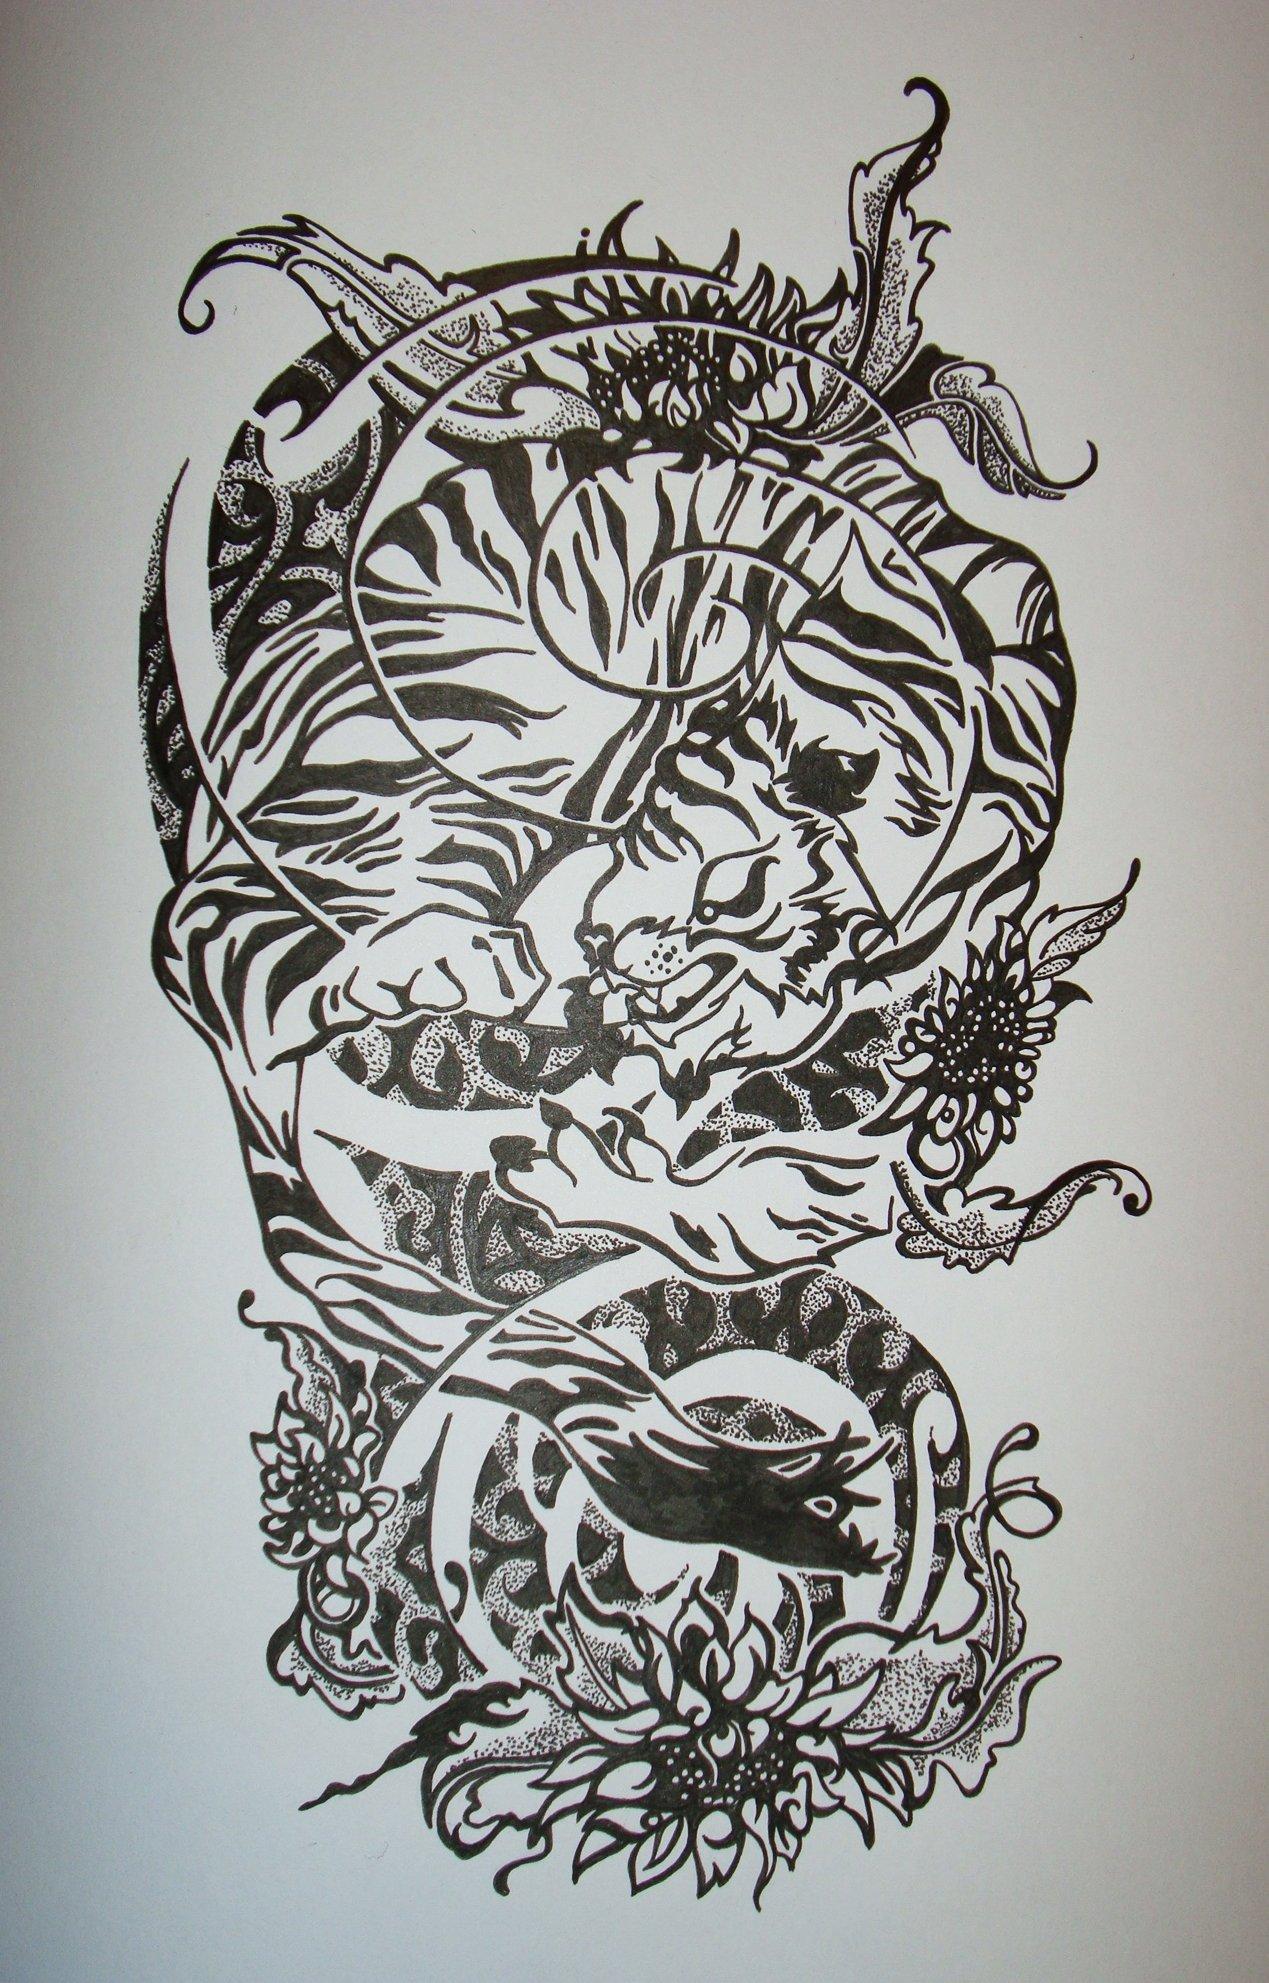 10 Elegant Half Of Sleeve Tattoos Ideas half sleeve tattoo designs tattoo ideas pictures tattoo ideas 2021